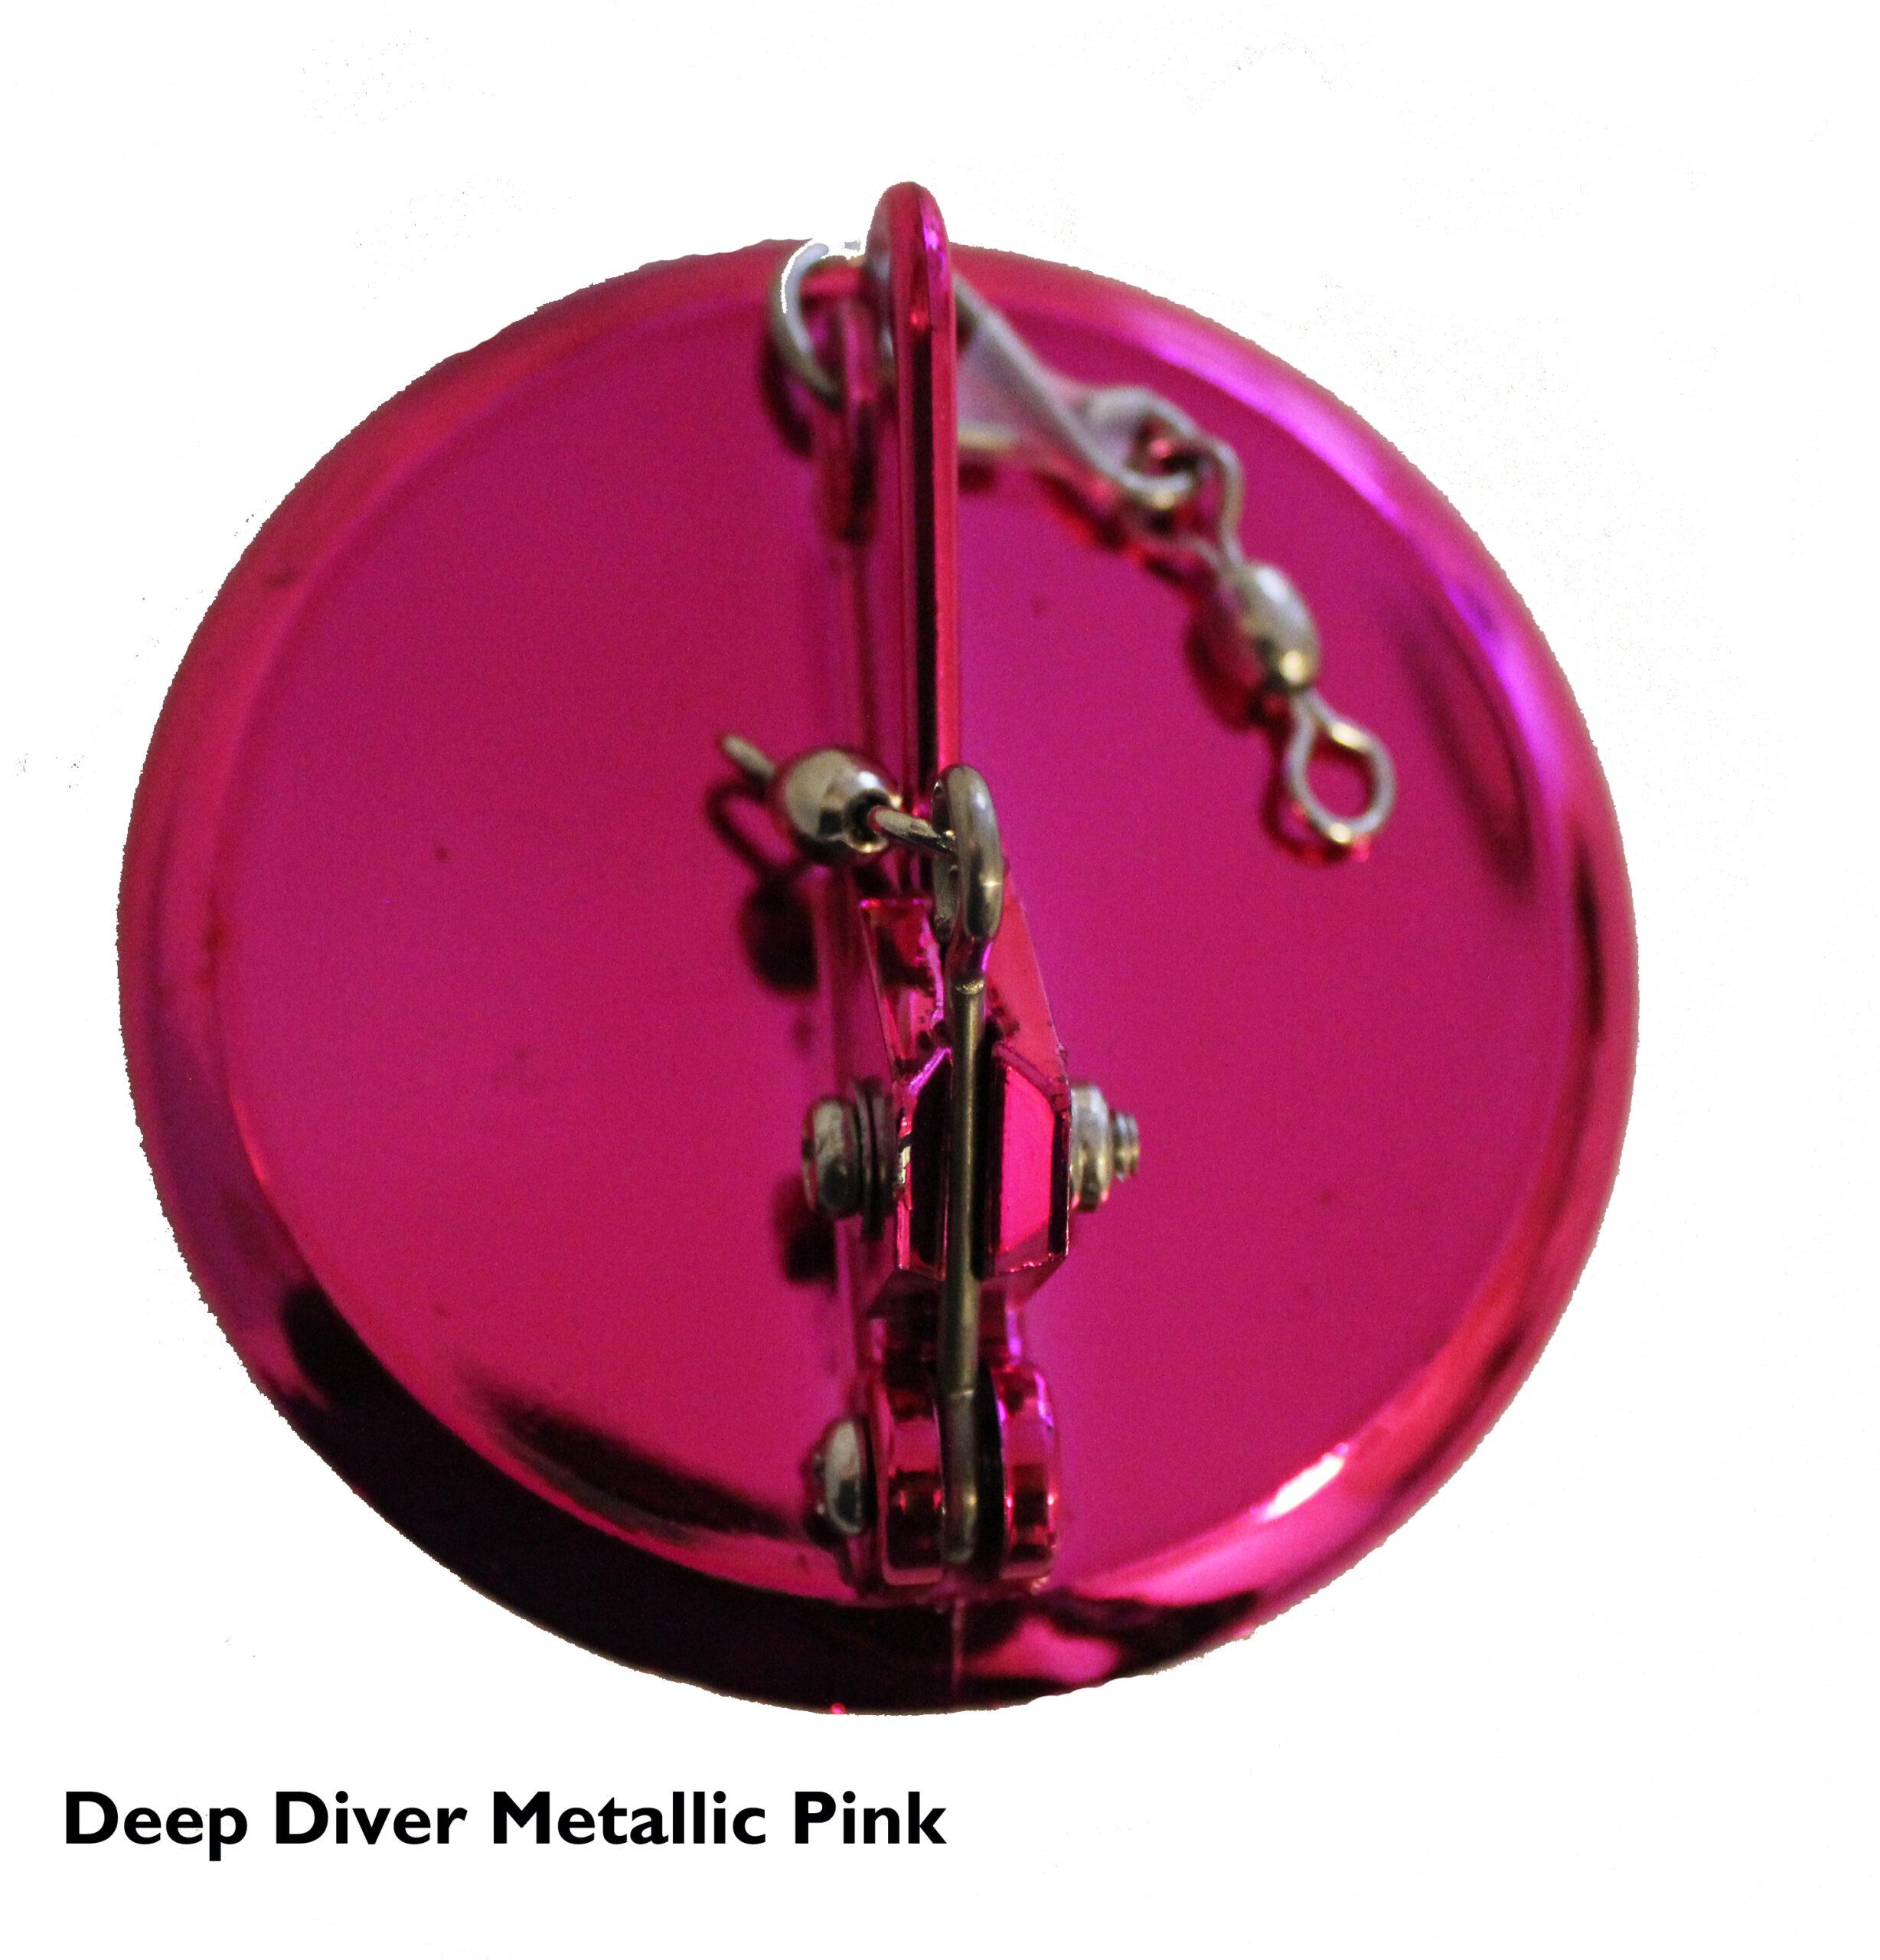 DC Deeper Diver 82mm Metallic Pi